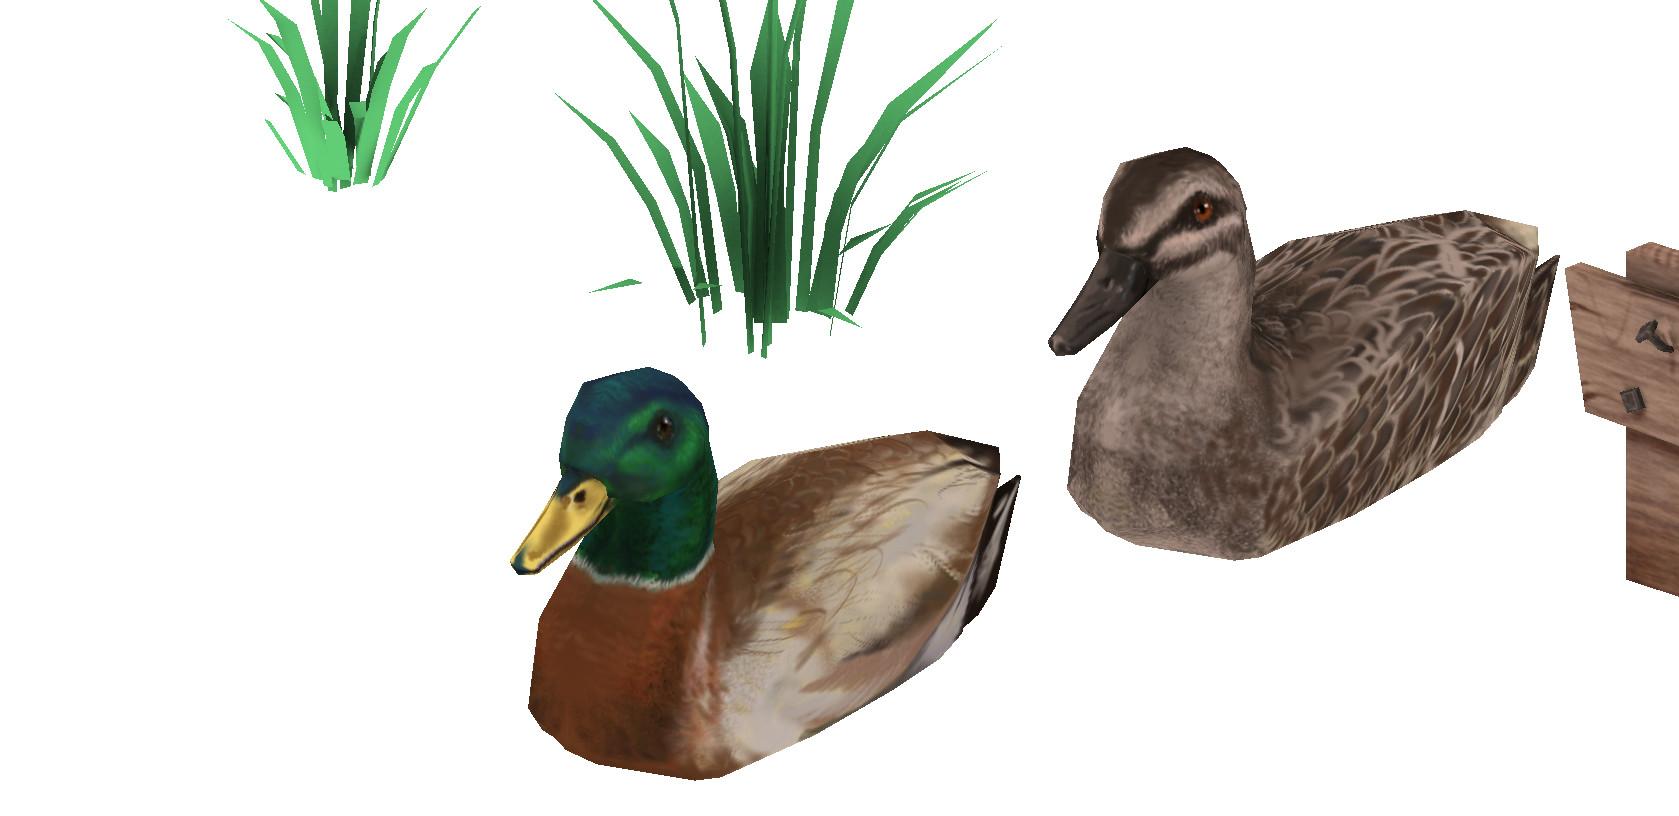 Sal vador thedarkcloak props ducks closeup